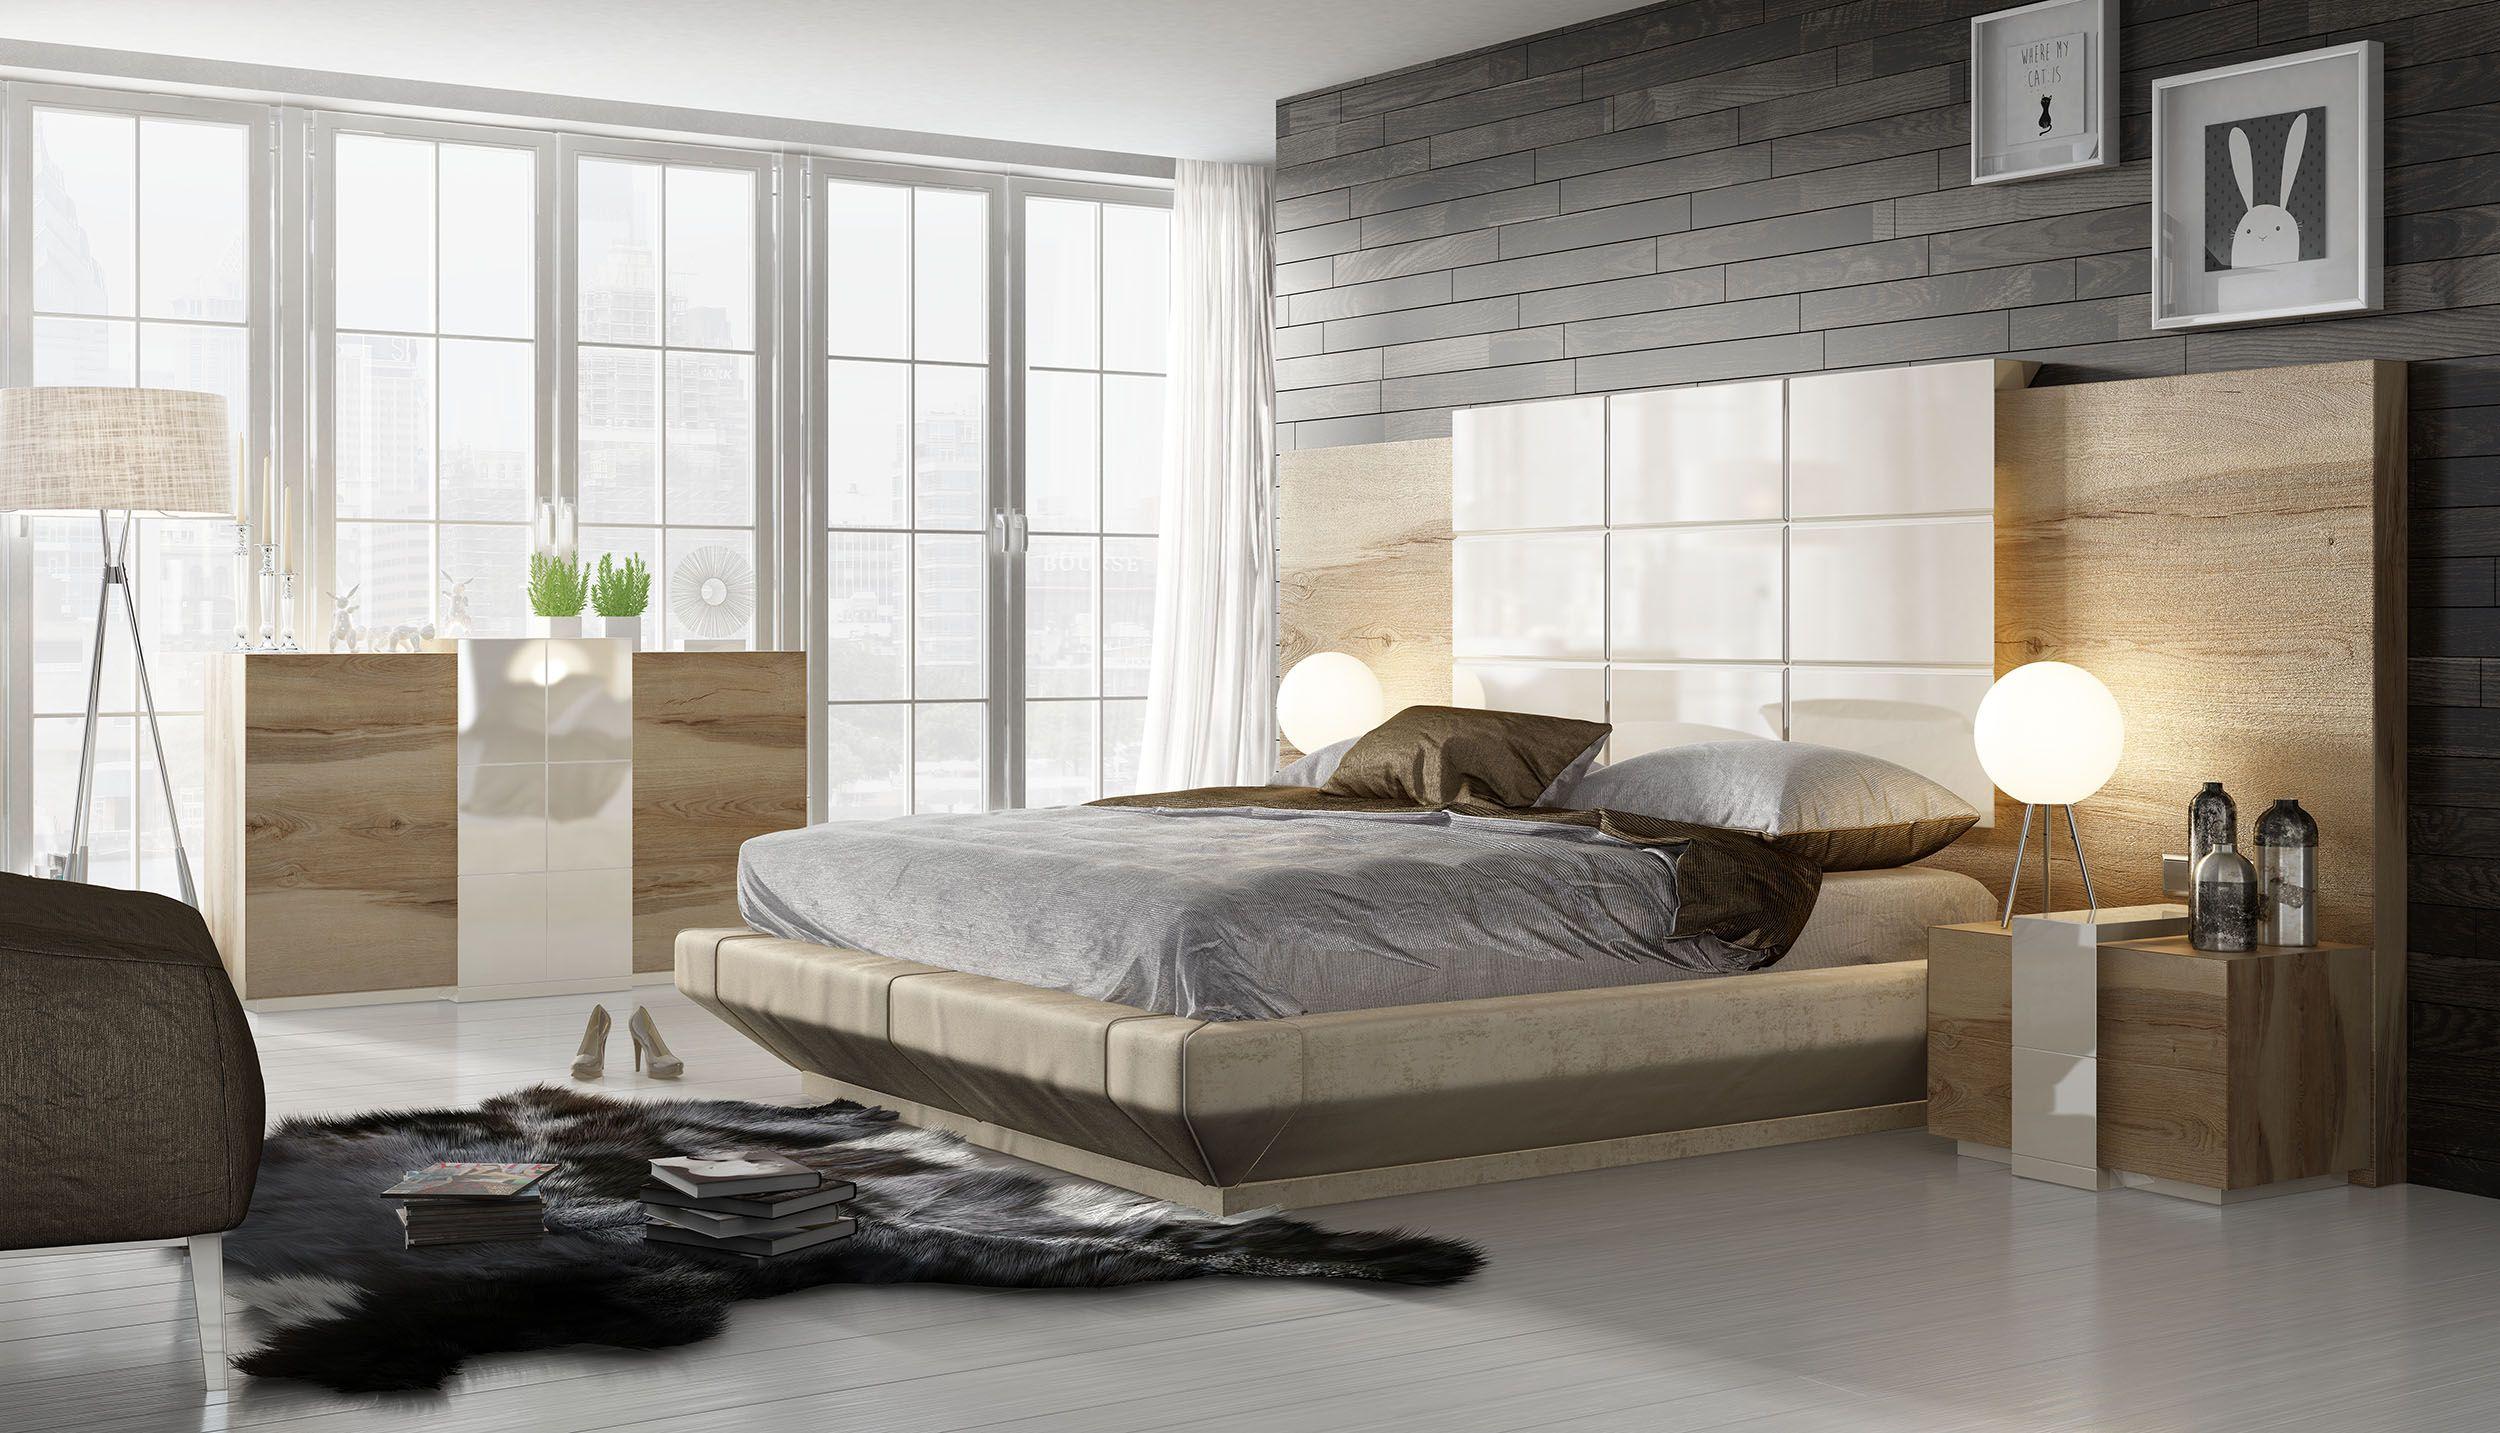 Catalogo De Dormitorios Muebles De Sal N Y Dormitorio A  # Muebles De Salon